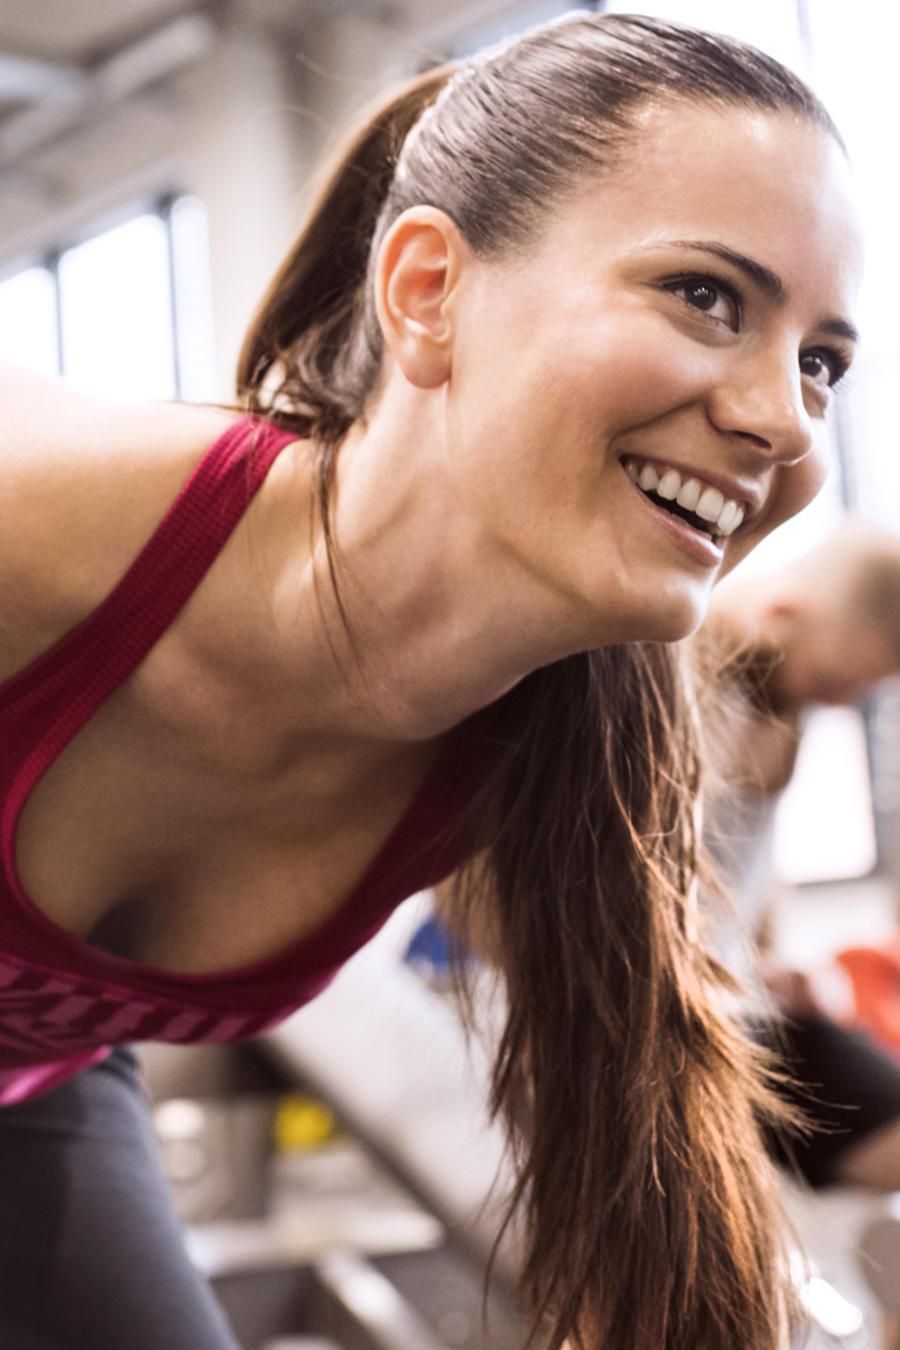 Los mejores productos para tu obsesión con el ejercicio